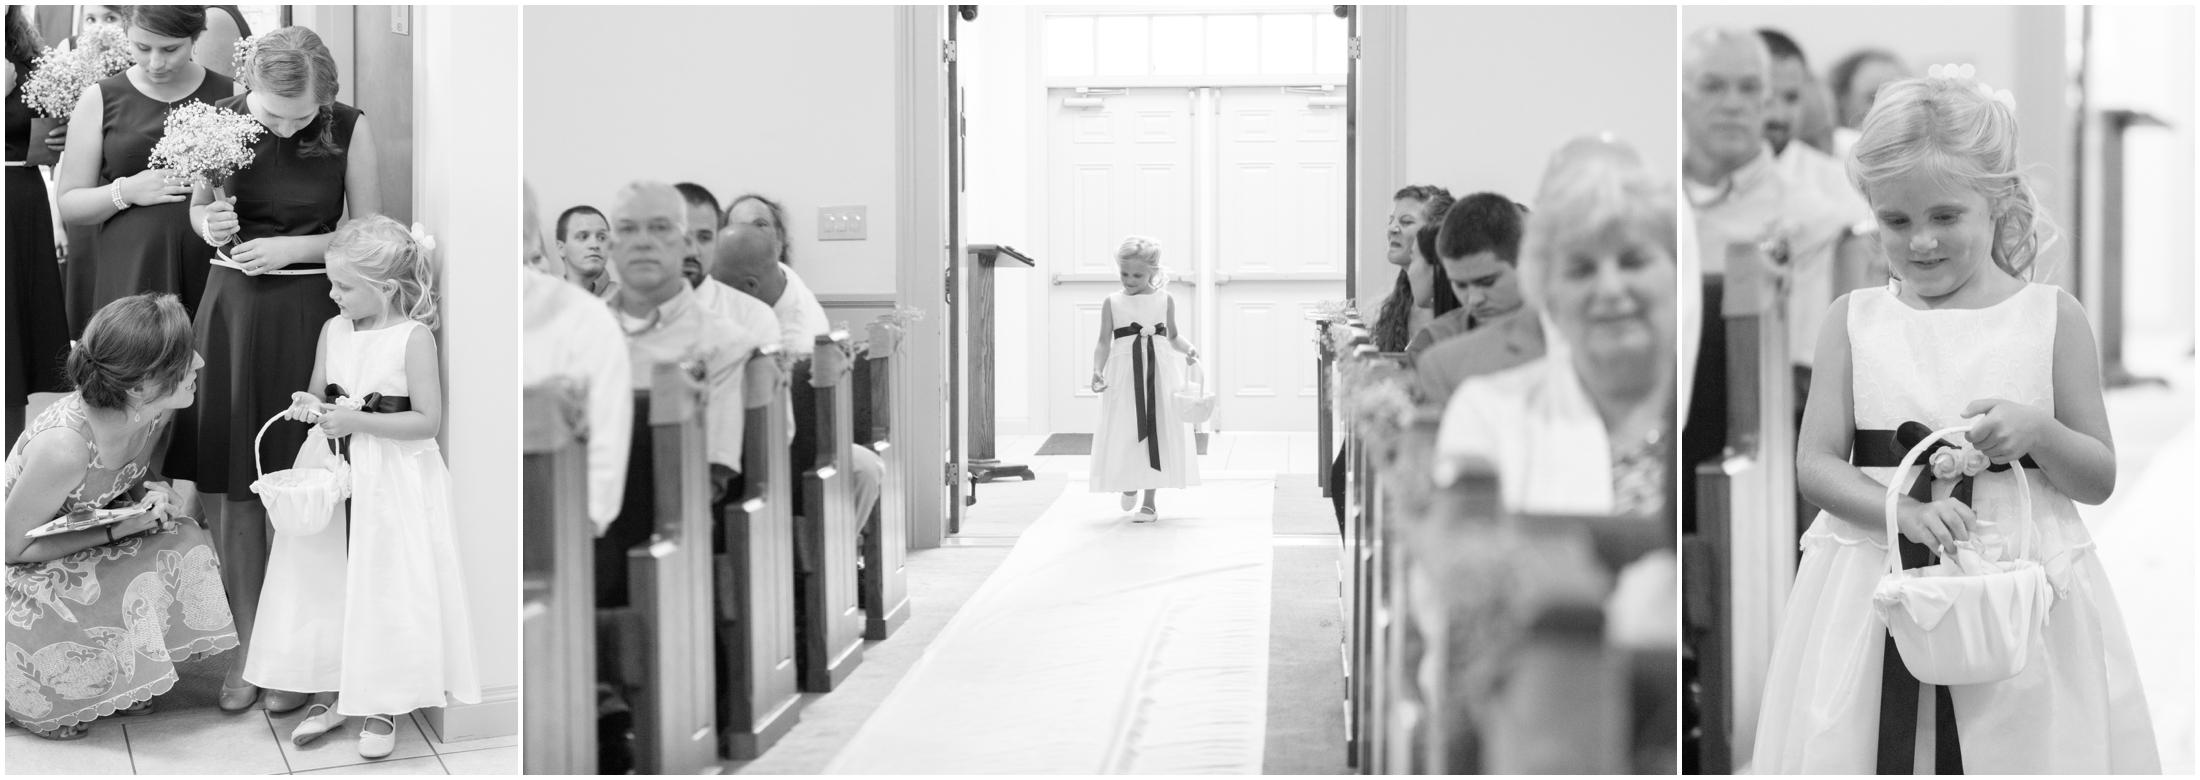 Nash-Wedding-Ceremony-271.jpg